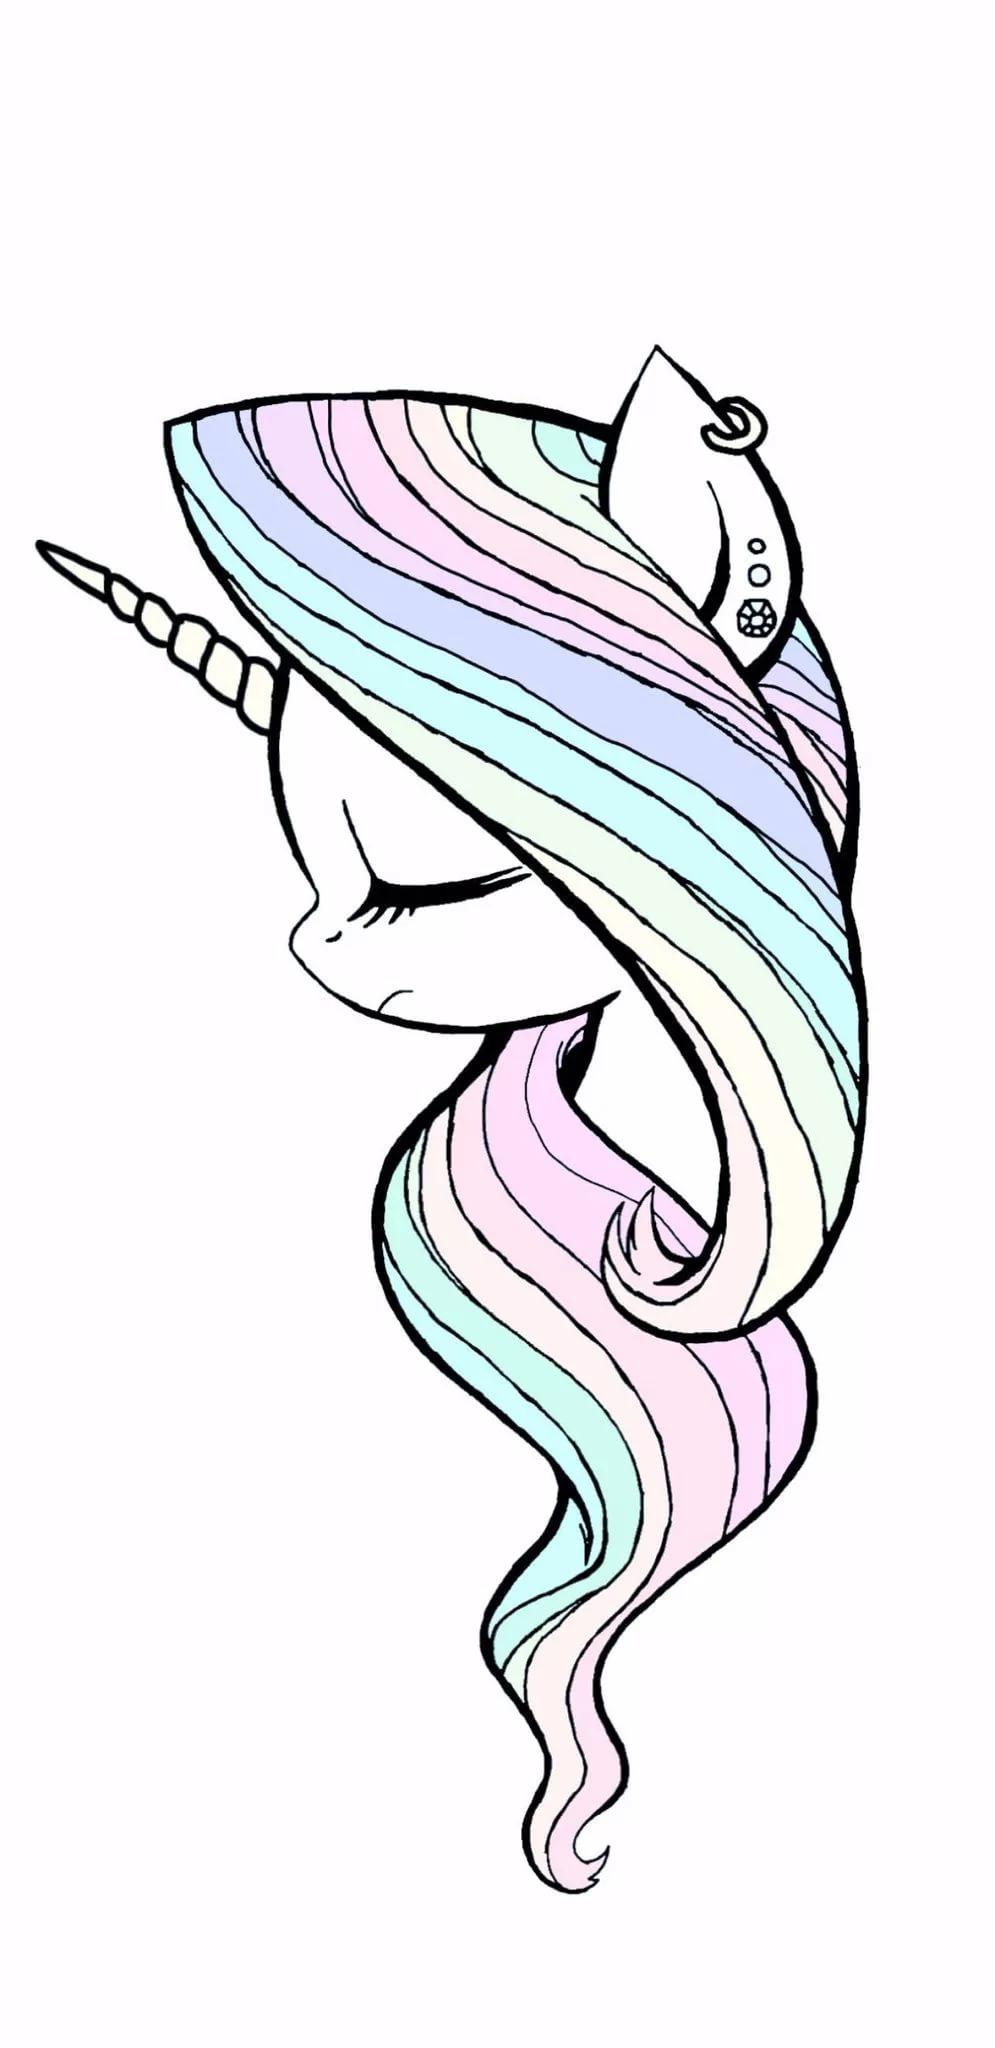 Милые и легкие рисунки для срисовки   самые красивые 17